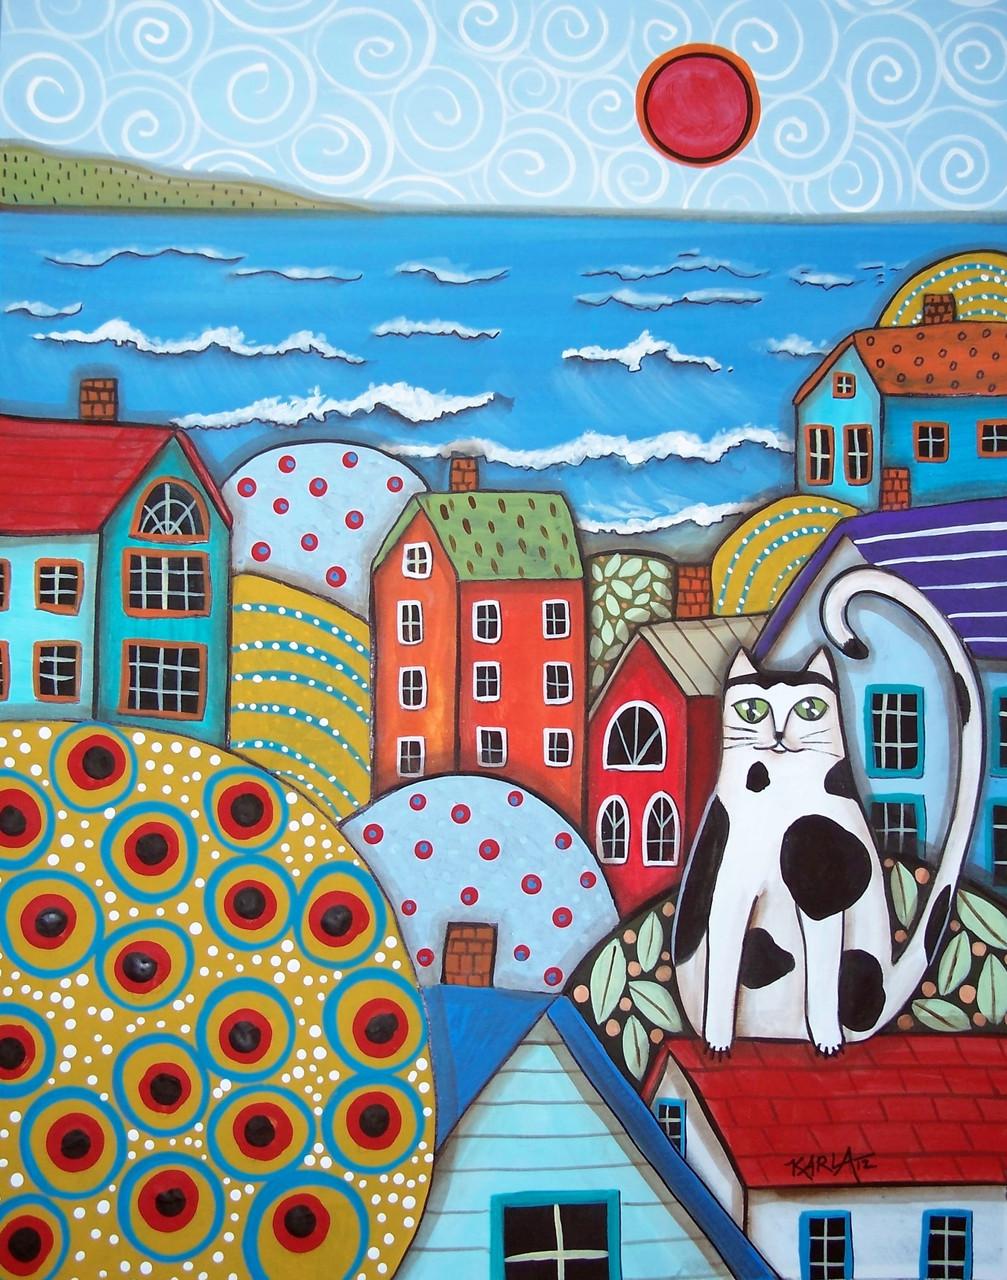 Картины по номерам / коробка. Яркий город (кот на крыше) 40х50см арт. КН2154